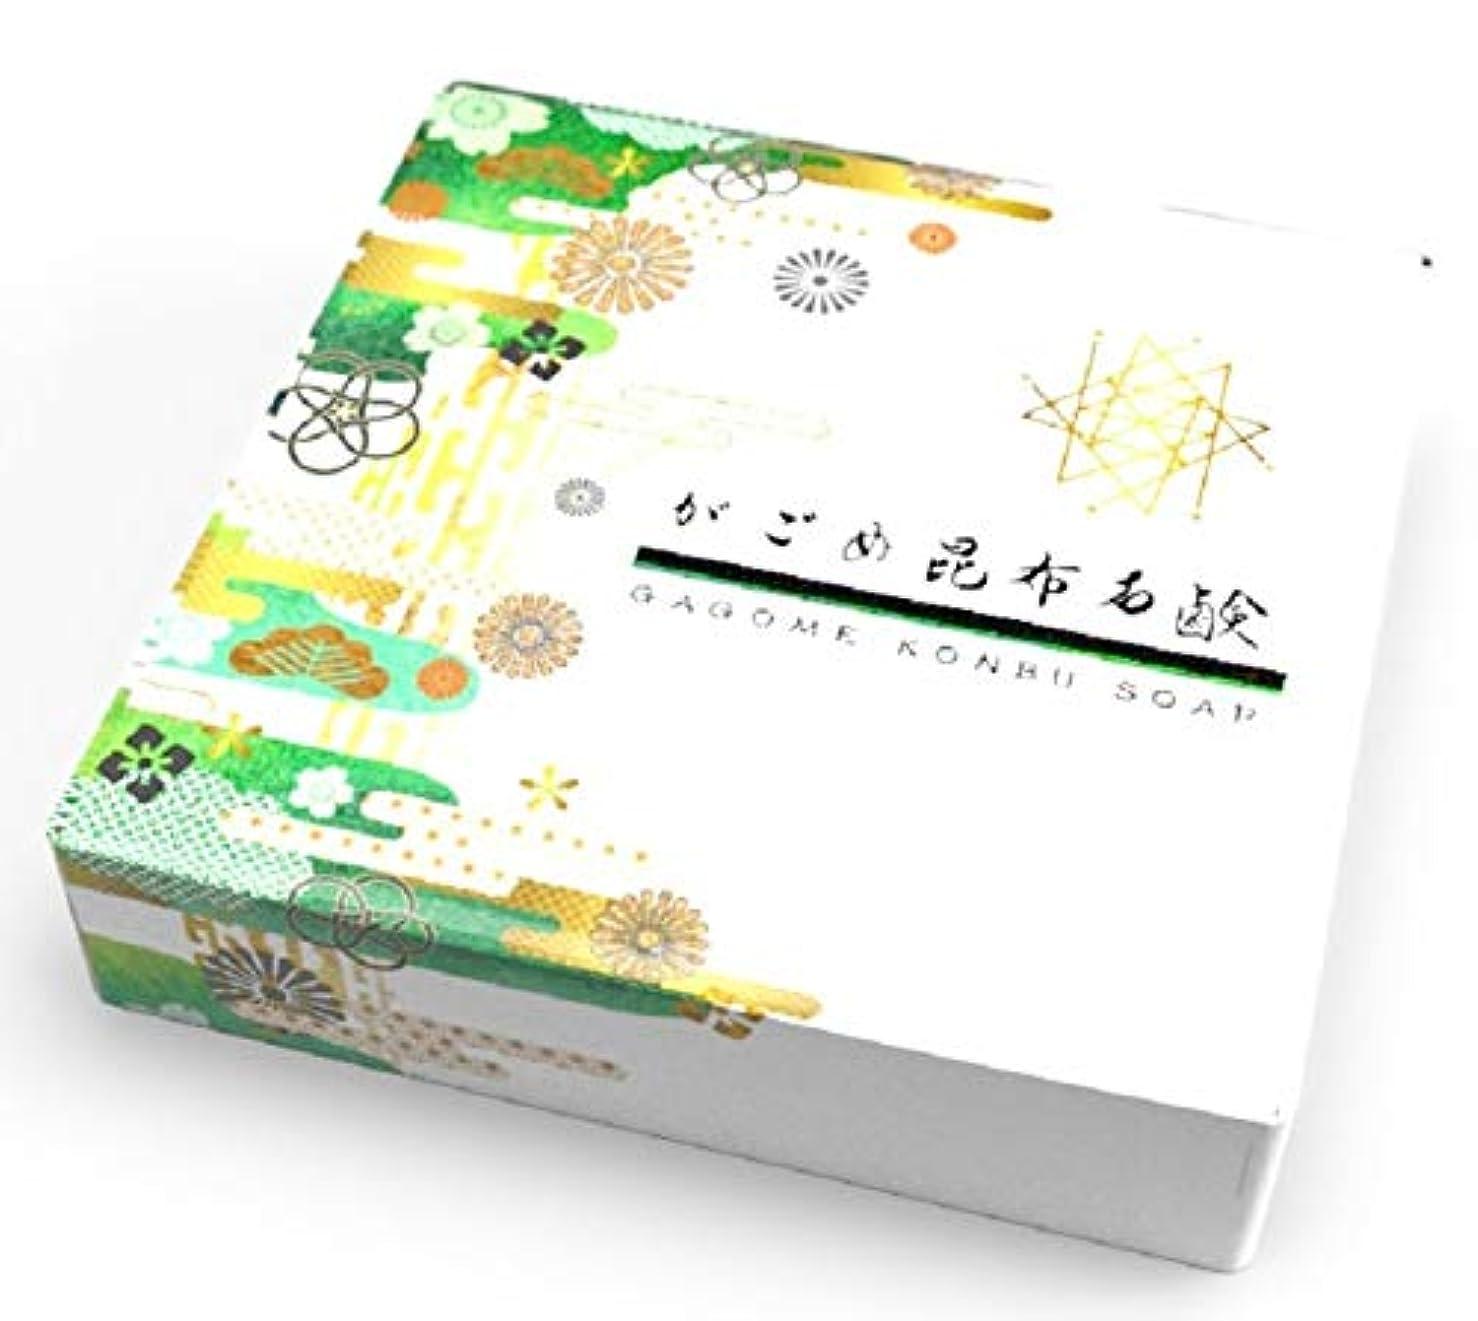 葉巻細部くさびHibis がごめ昆布石鹸 手作り 無添加 コールド・プロセス製法 高保湿 乾燥肌 敏感肌 アトピー ガゴメ昆布使用 固形石鹸 (85g)